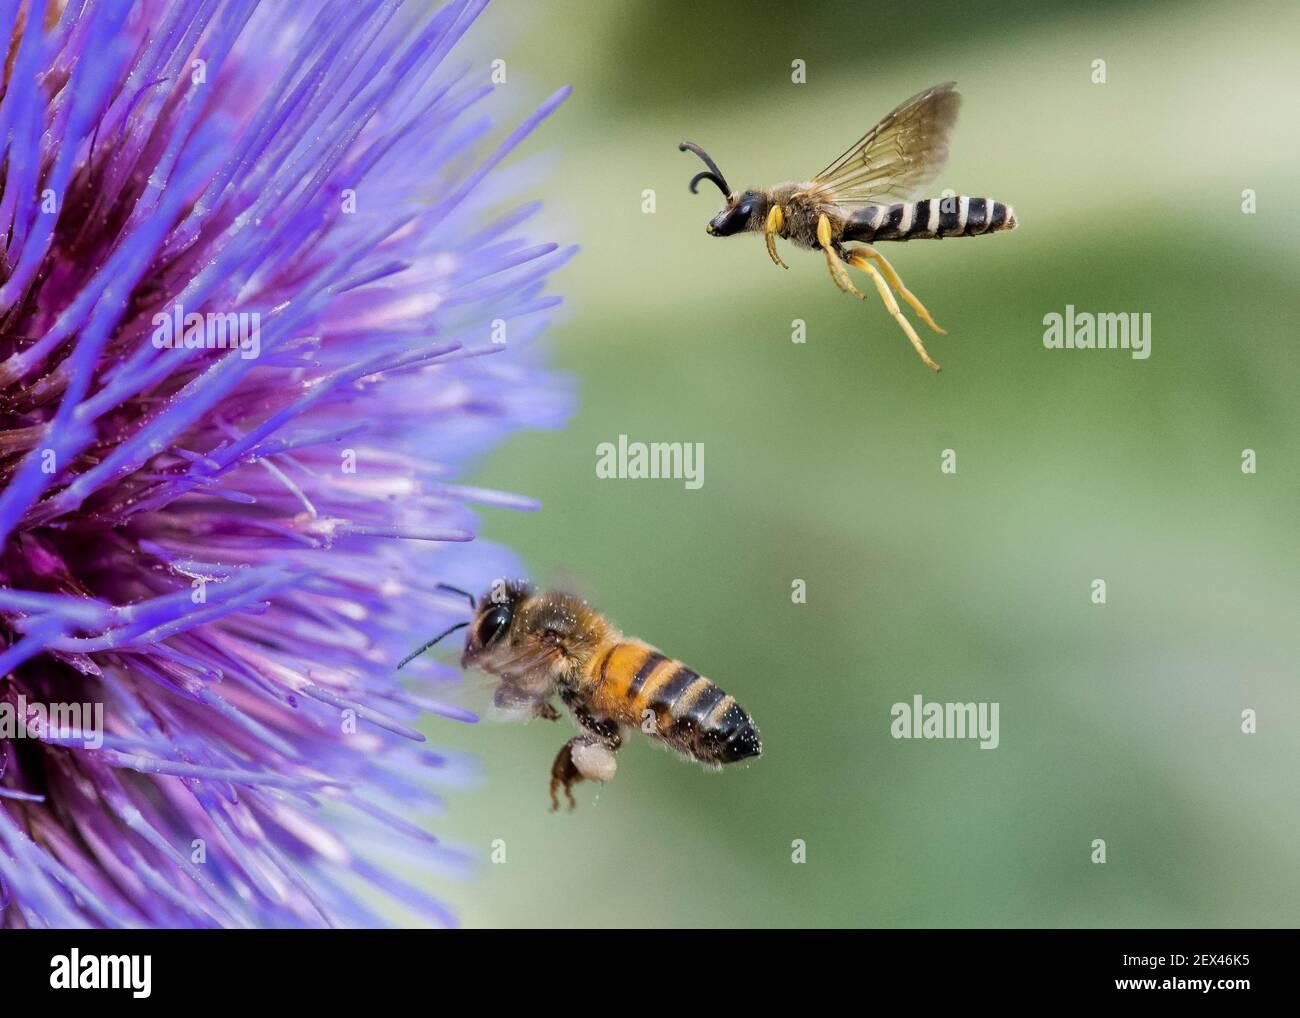 Gran abeja de surco (Halictus scabiosae) y abeja de miel (Apis mellifera) en vuelo, polinizadores en Artichoke (Cynara scolymus), Jardin des Plantes, Foto de stock